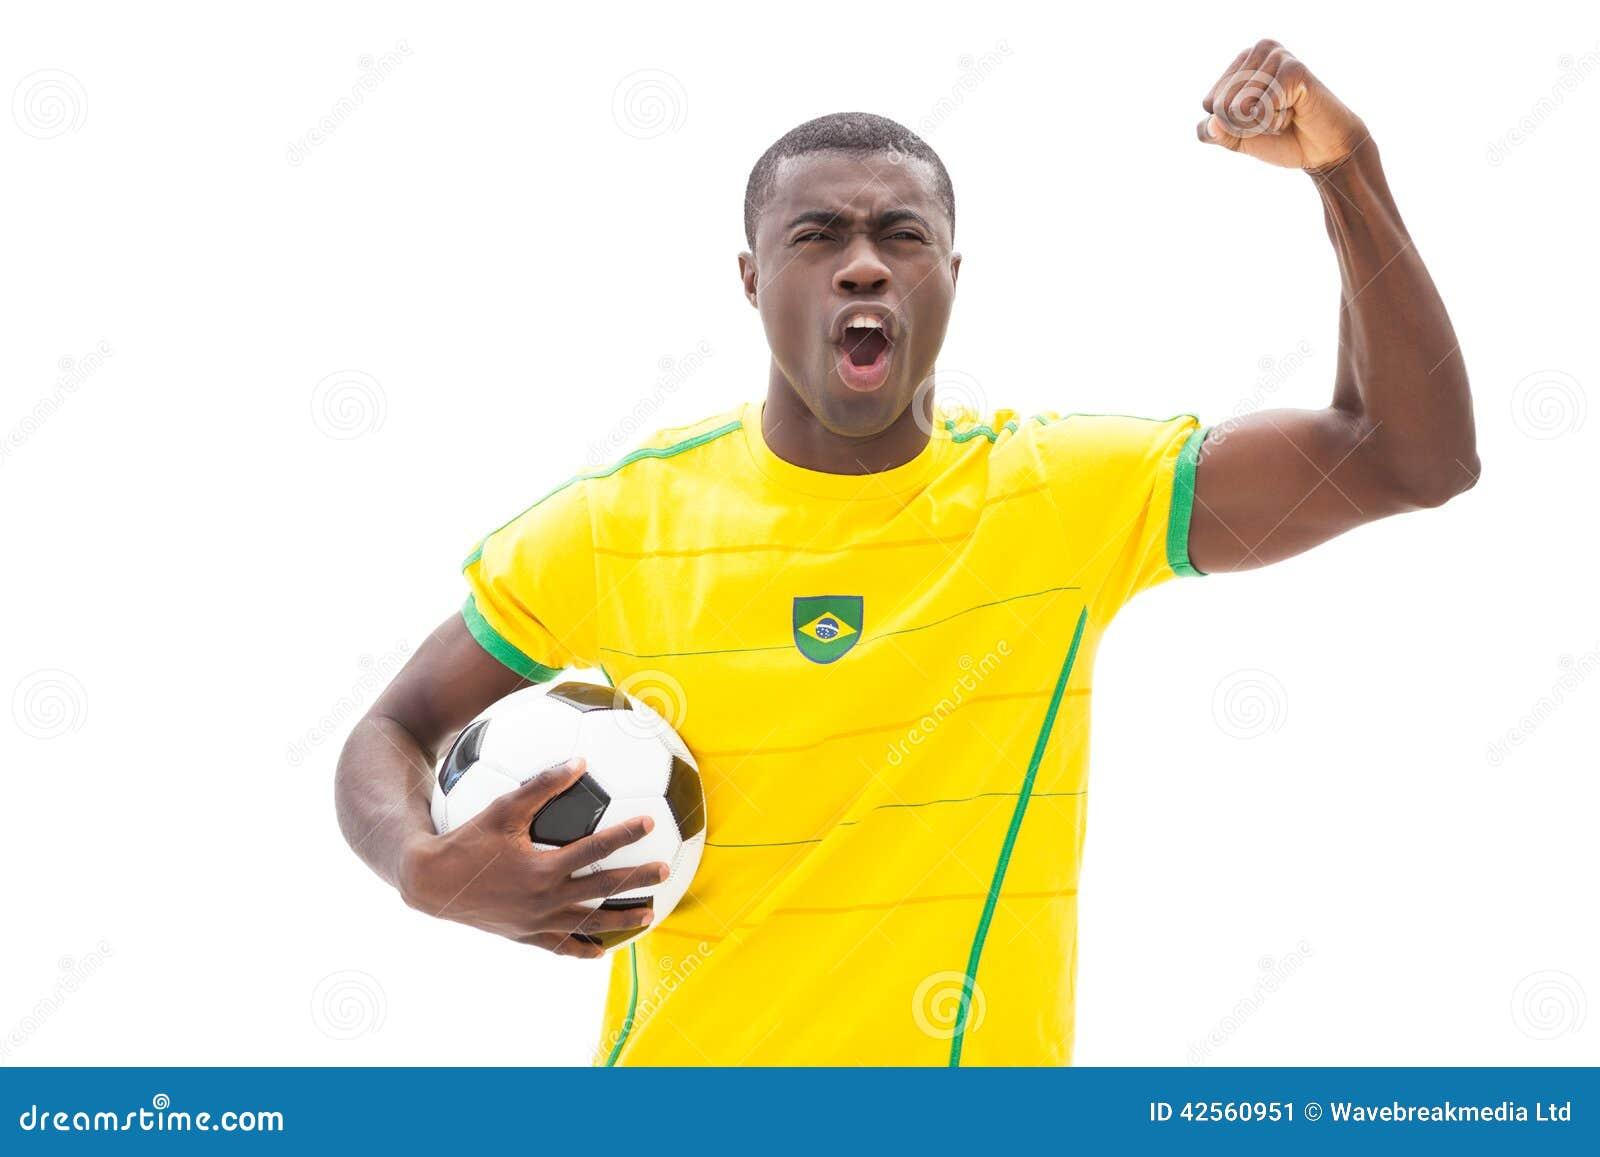 Fan de futebol brasileiro entusiasmado que cheering guardando a bola